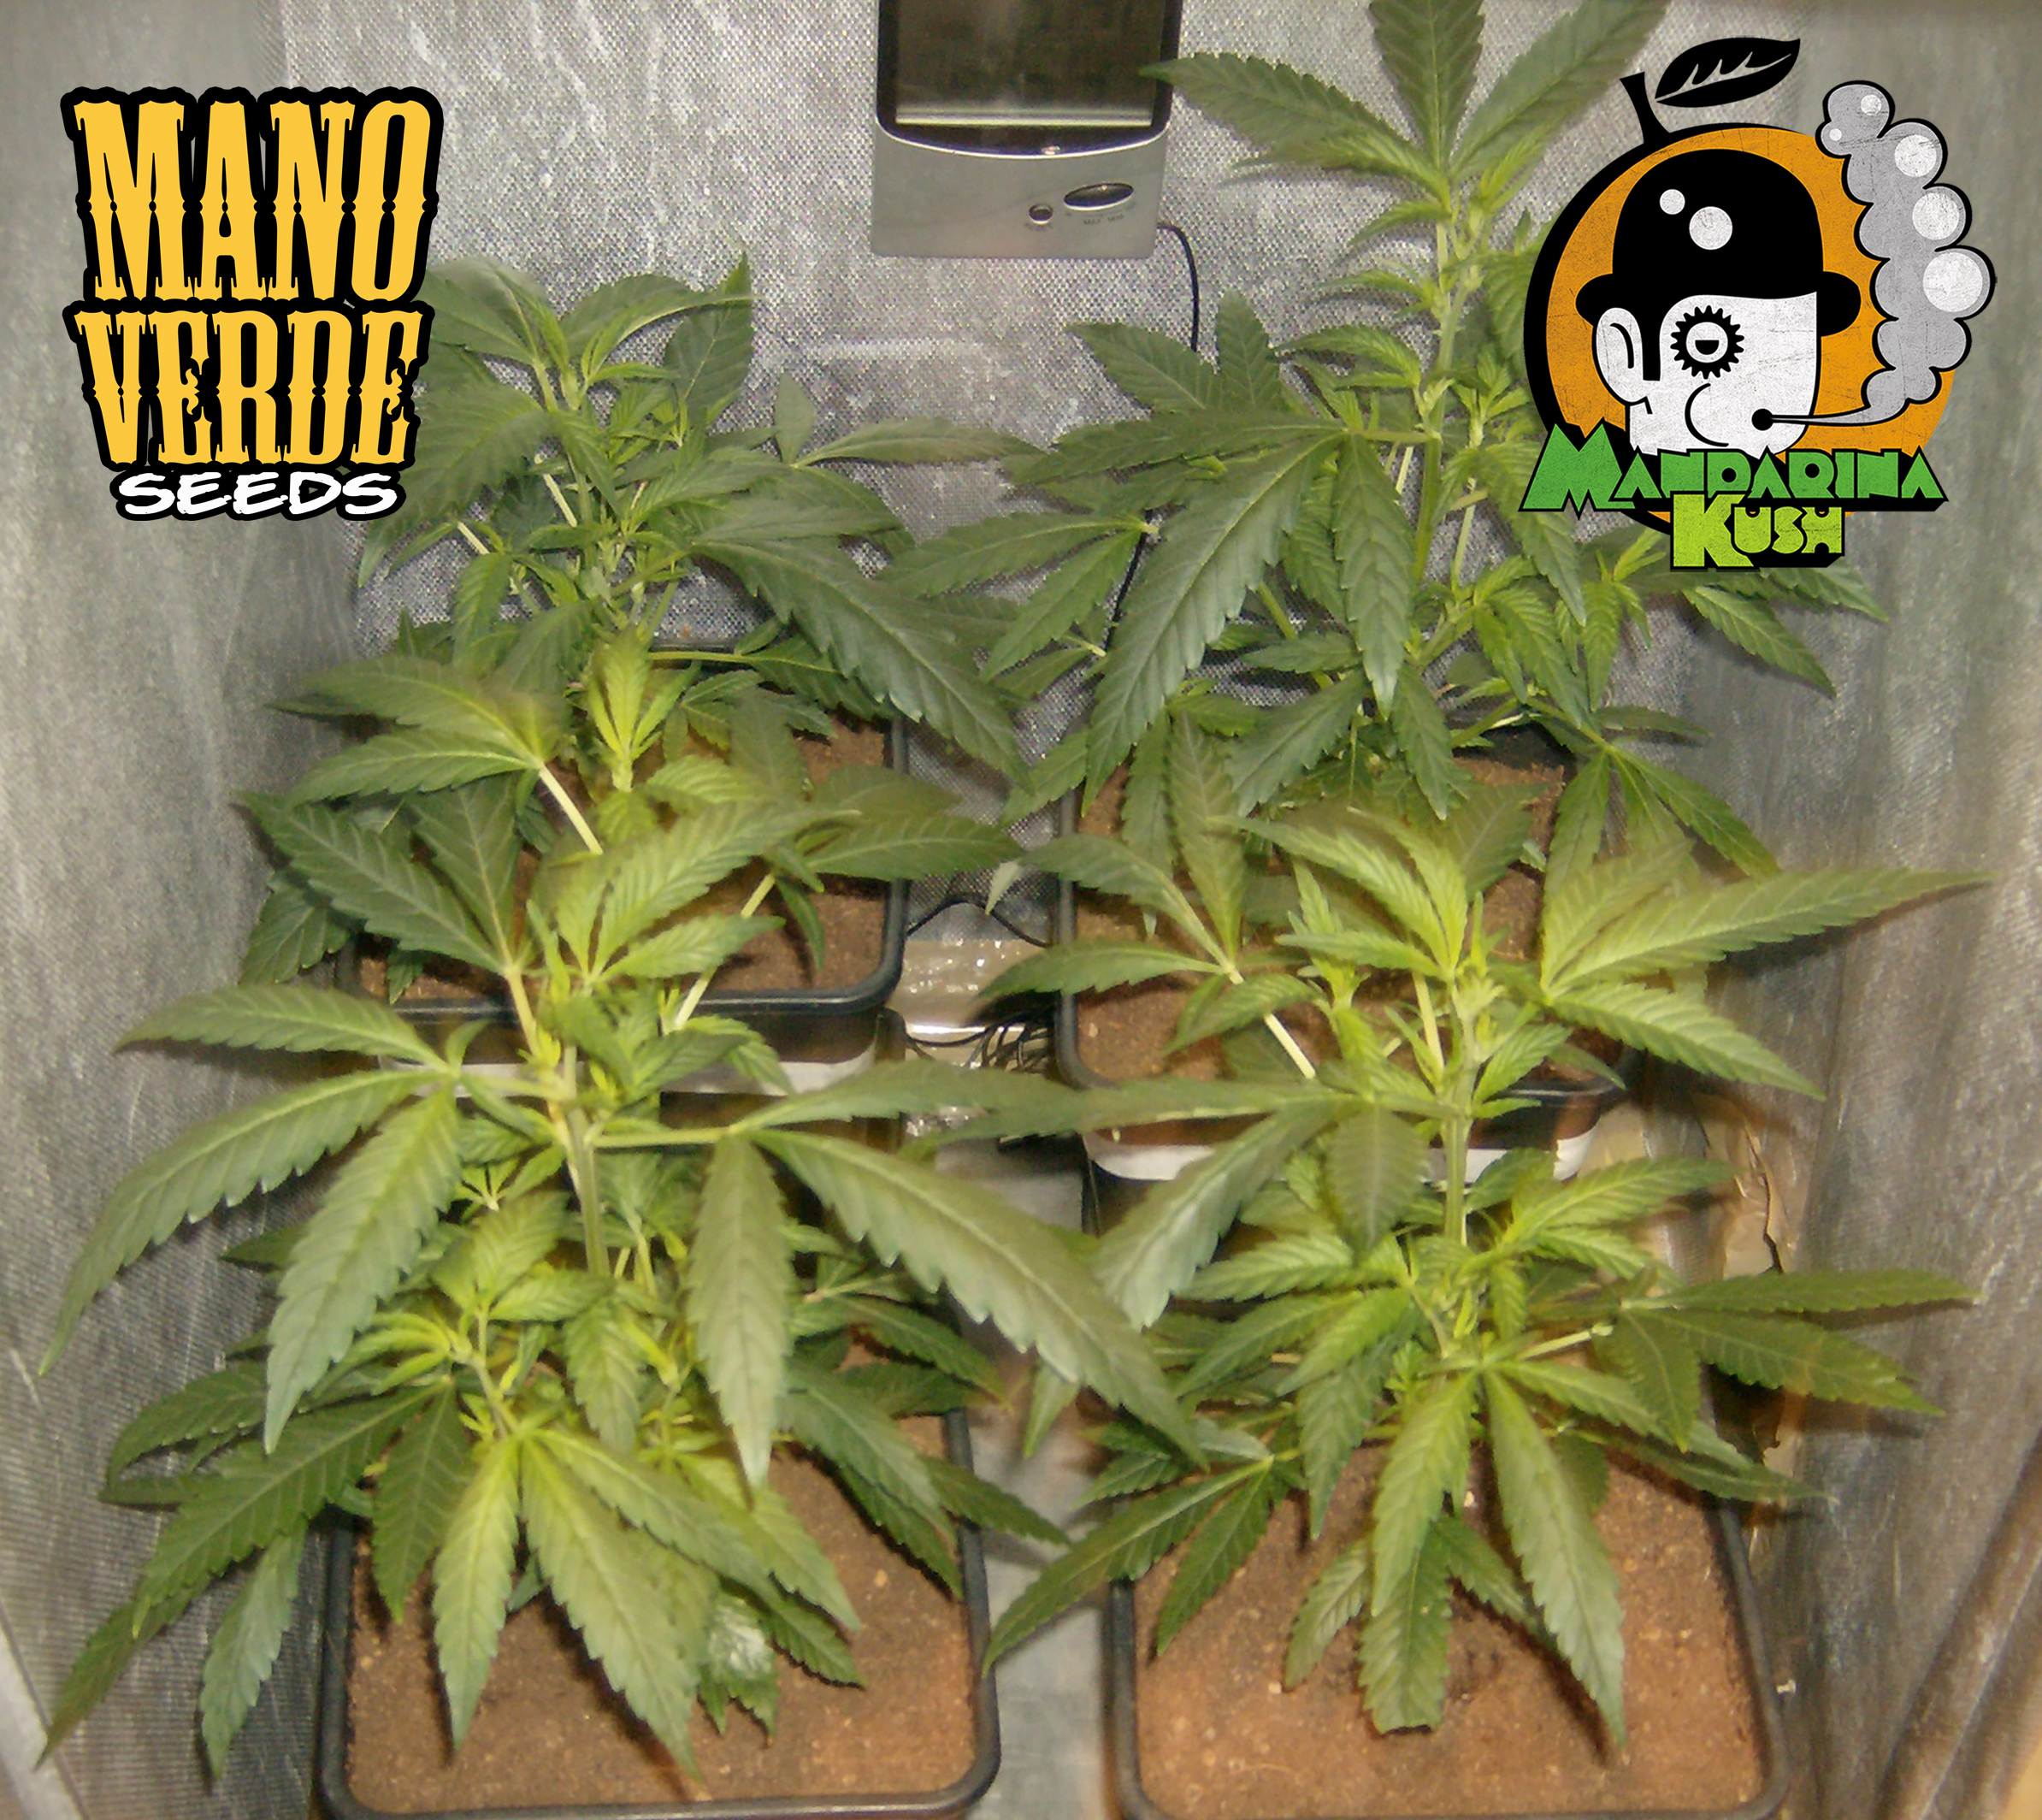 Mandarina Kush Manoverde Seeds 14F-150